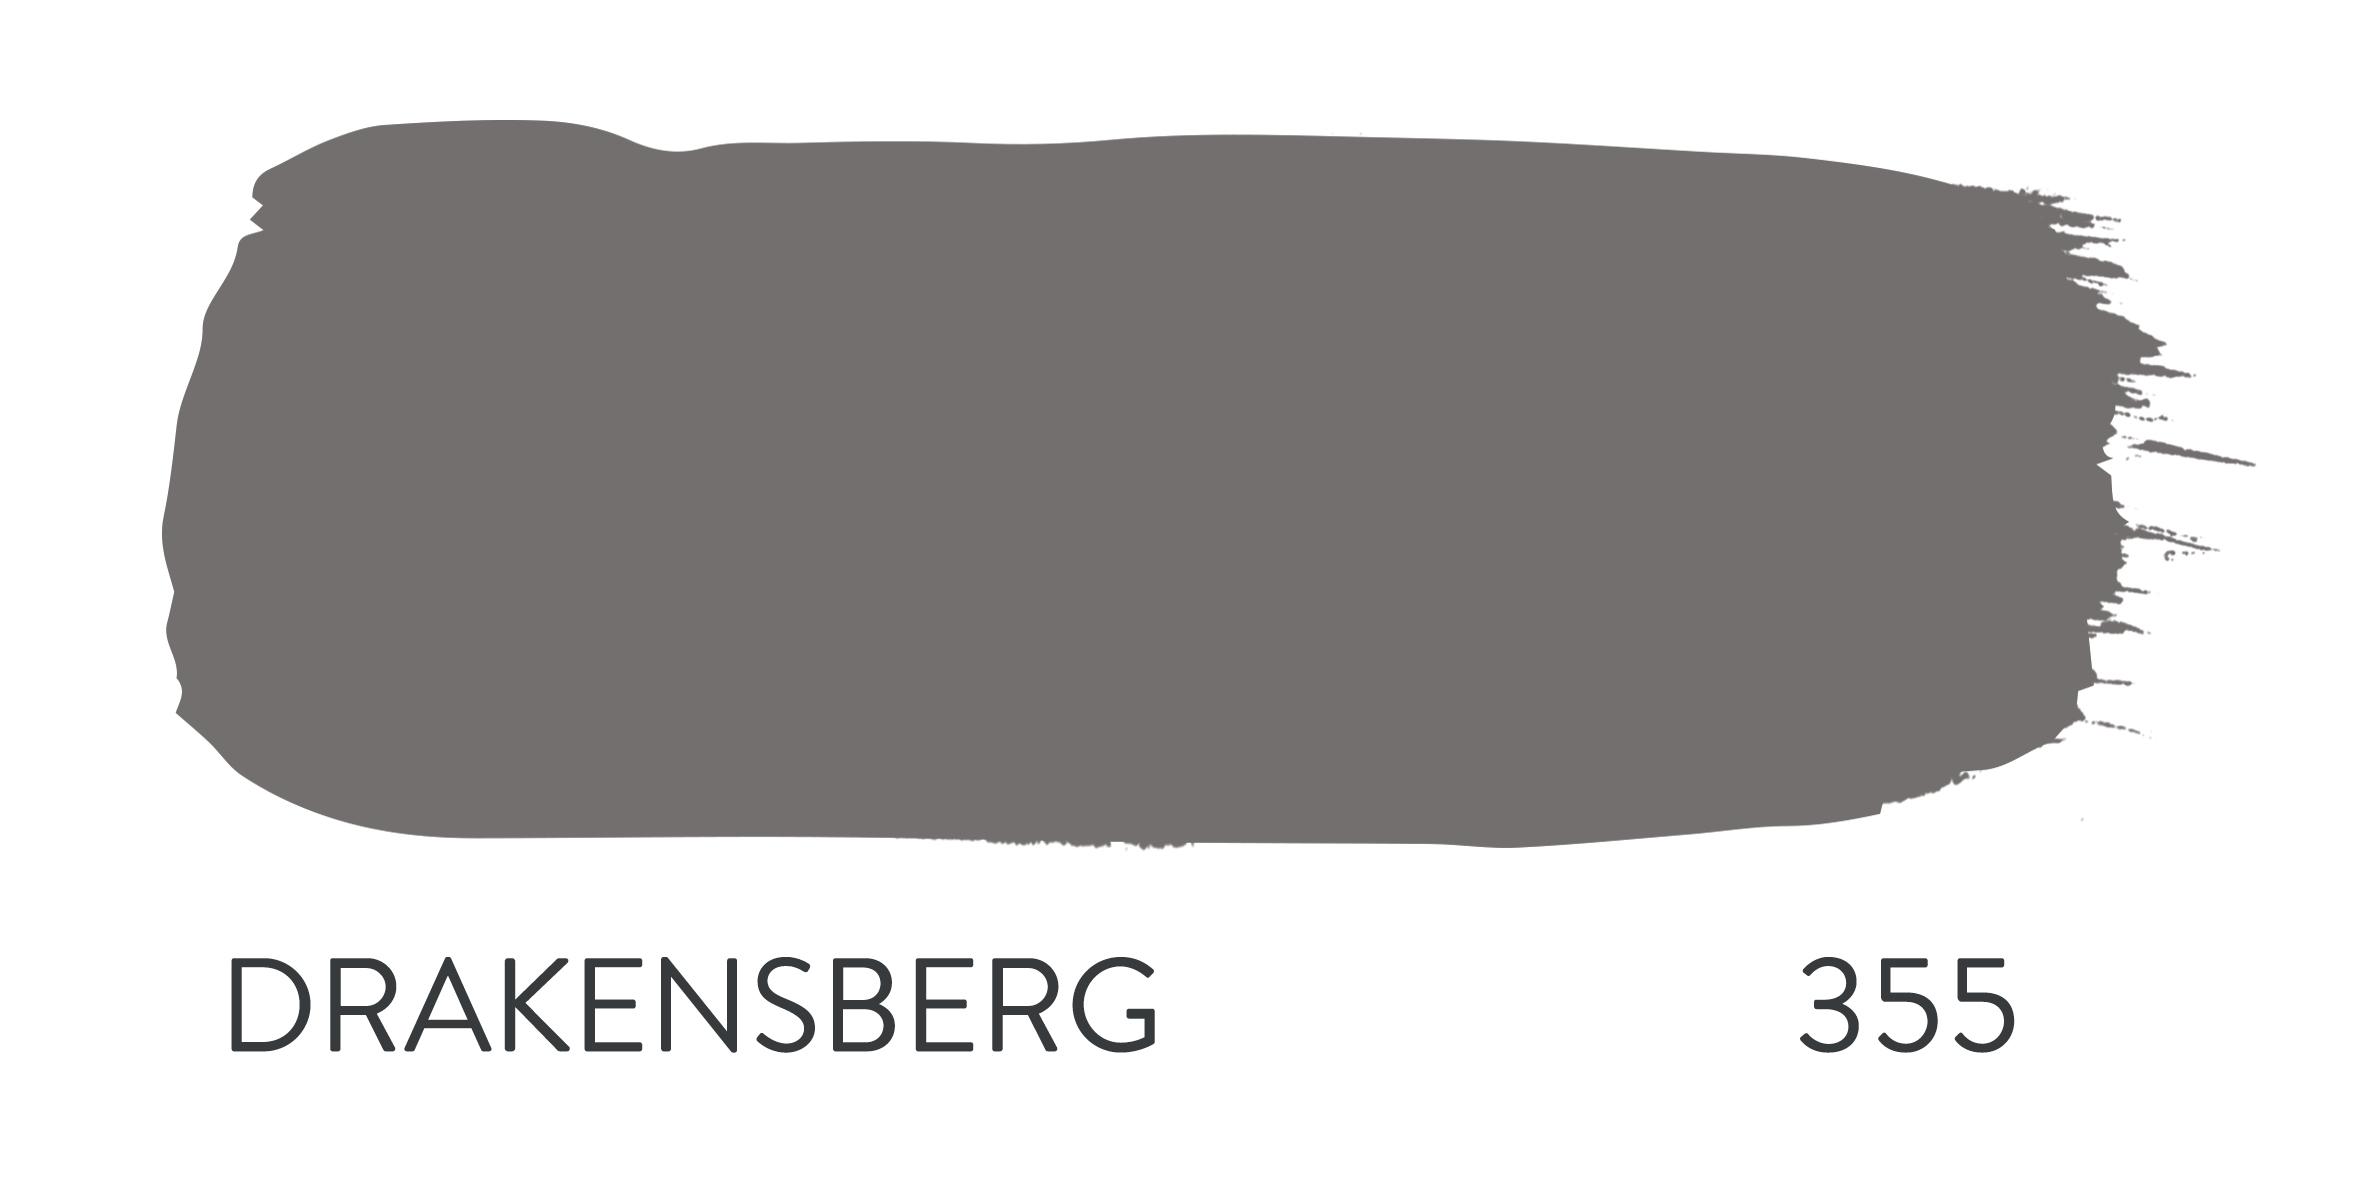 DRAKENSBERG 355.jpg